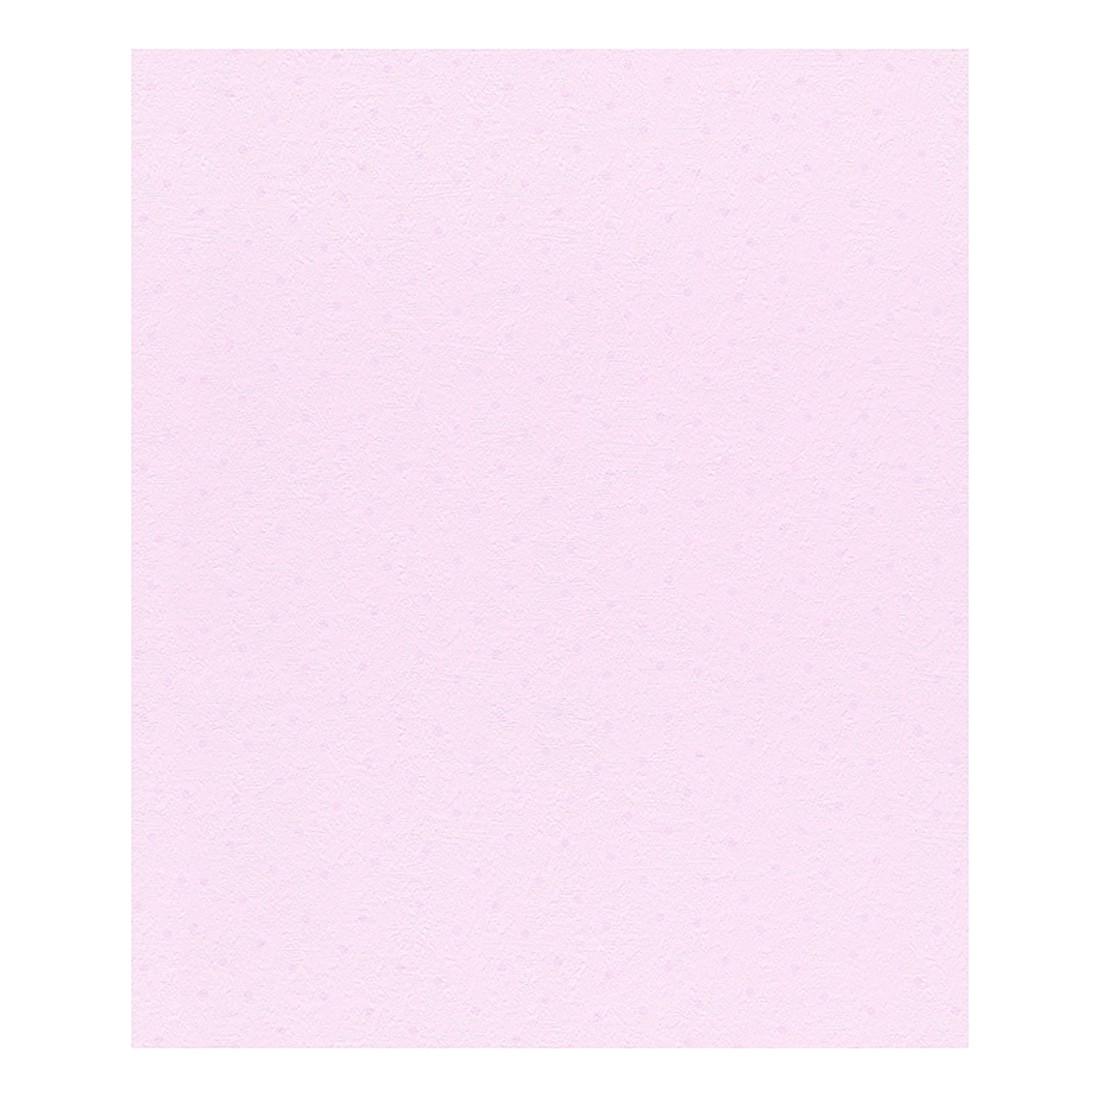 Papiertapete Kids best friends – rosa – fein strukturiert, Home24Deko günstig kaufen